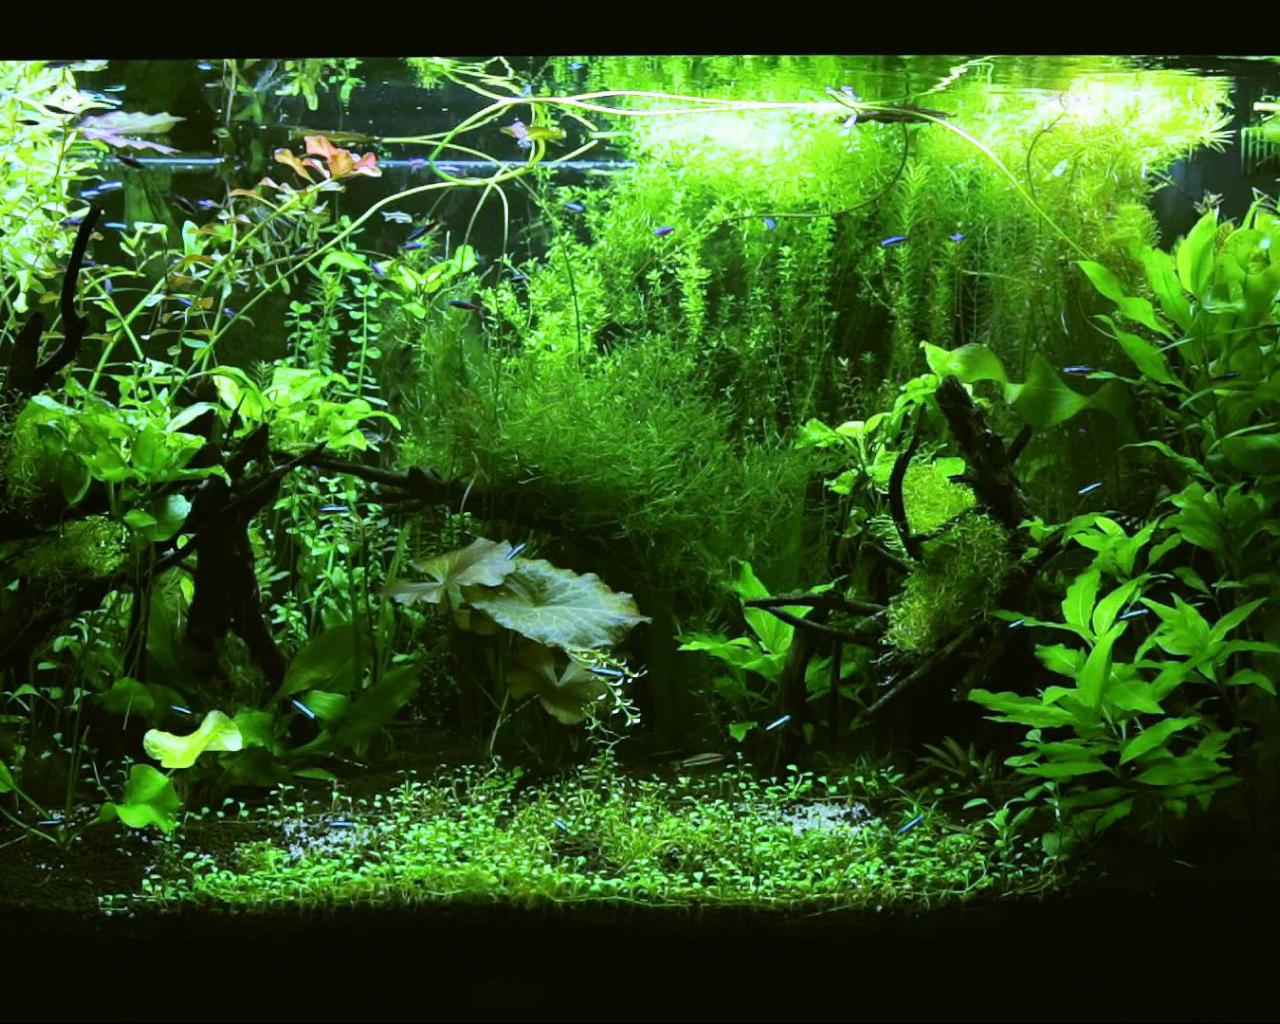 Free Download Hd Tv Aquarium Tetra Jungle 1080p 1920x1080 For Your Desktop Mobile Tablet Explore 47 Aquarium Hd 1080p Wallpaper Abstract Hd Wallpapers 1080p Wallpapers Hd 1080p Full Cool